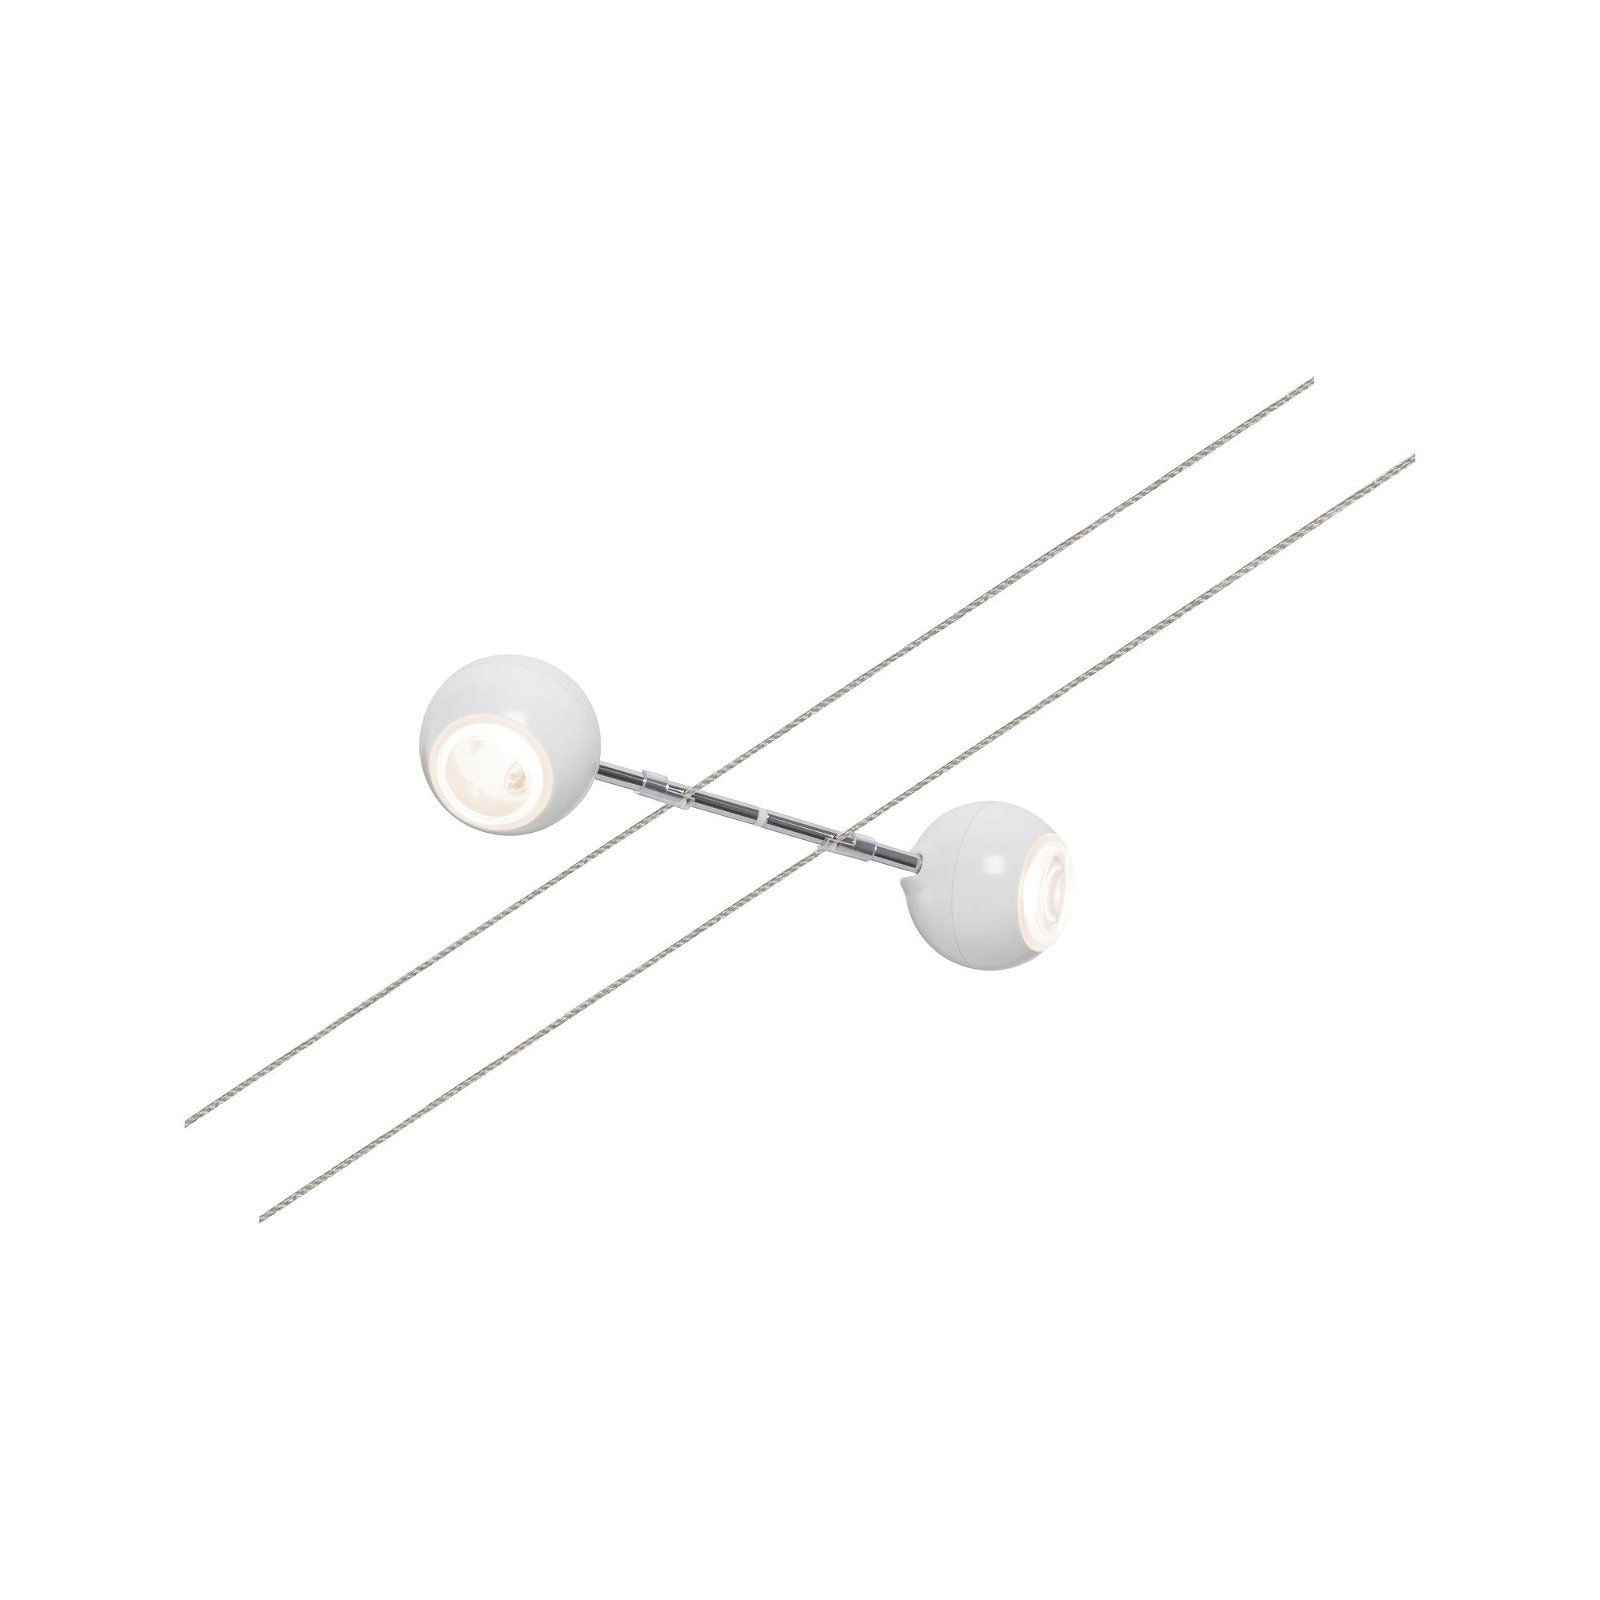 Seilspot 2Line Doppelkopf-Leuchte Dean 2x2,7W Weiß/Chrom 24V DC